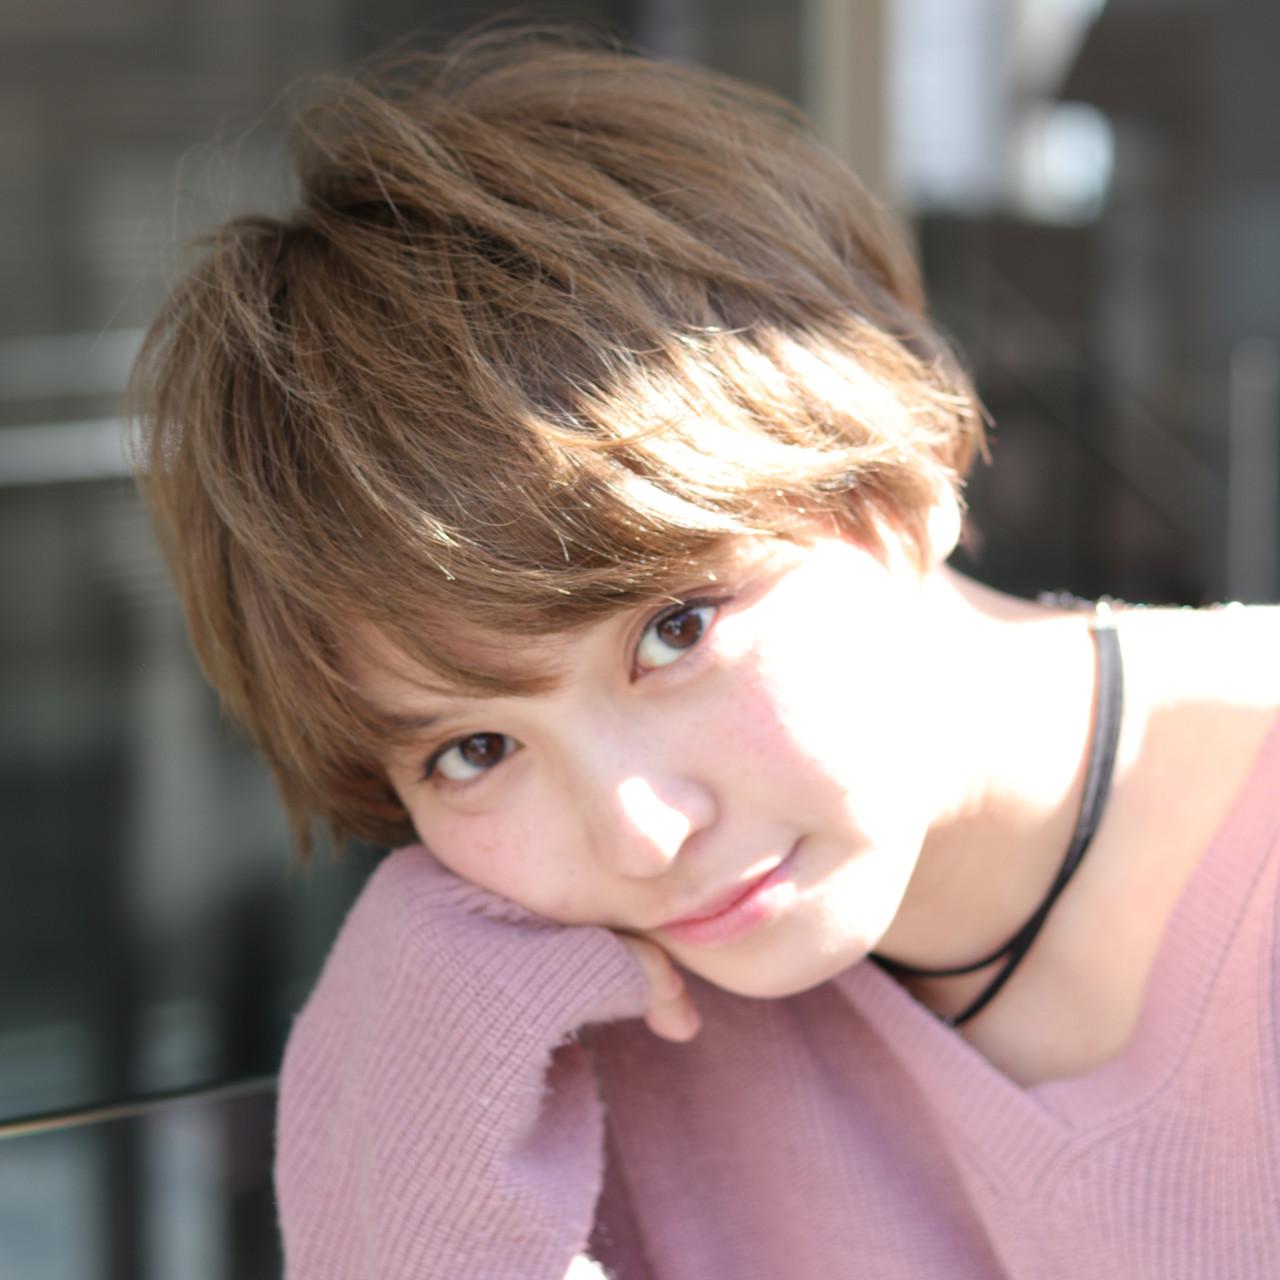 デート スポーツ ストリート ヘアアレンジ ヘアスタイルや髪型の写真・画像 | 大塚孝範 / hair salon ing (ヘア サロン イング)